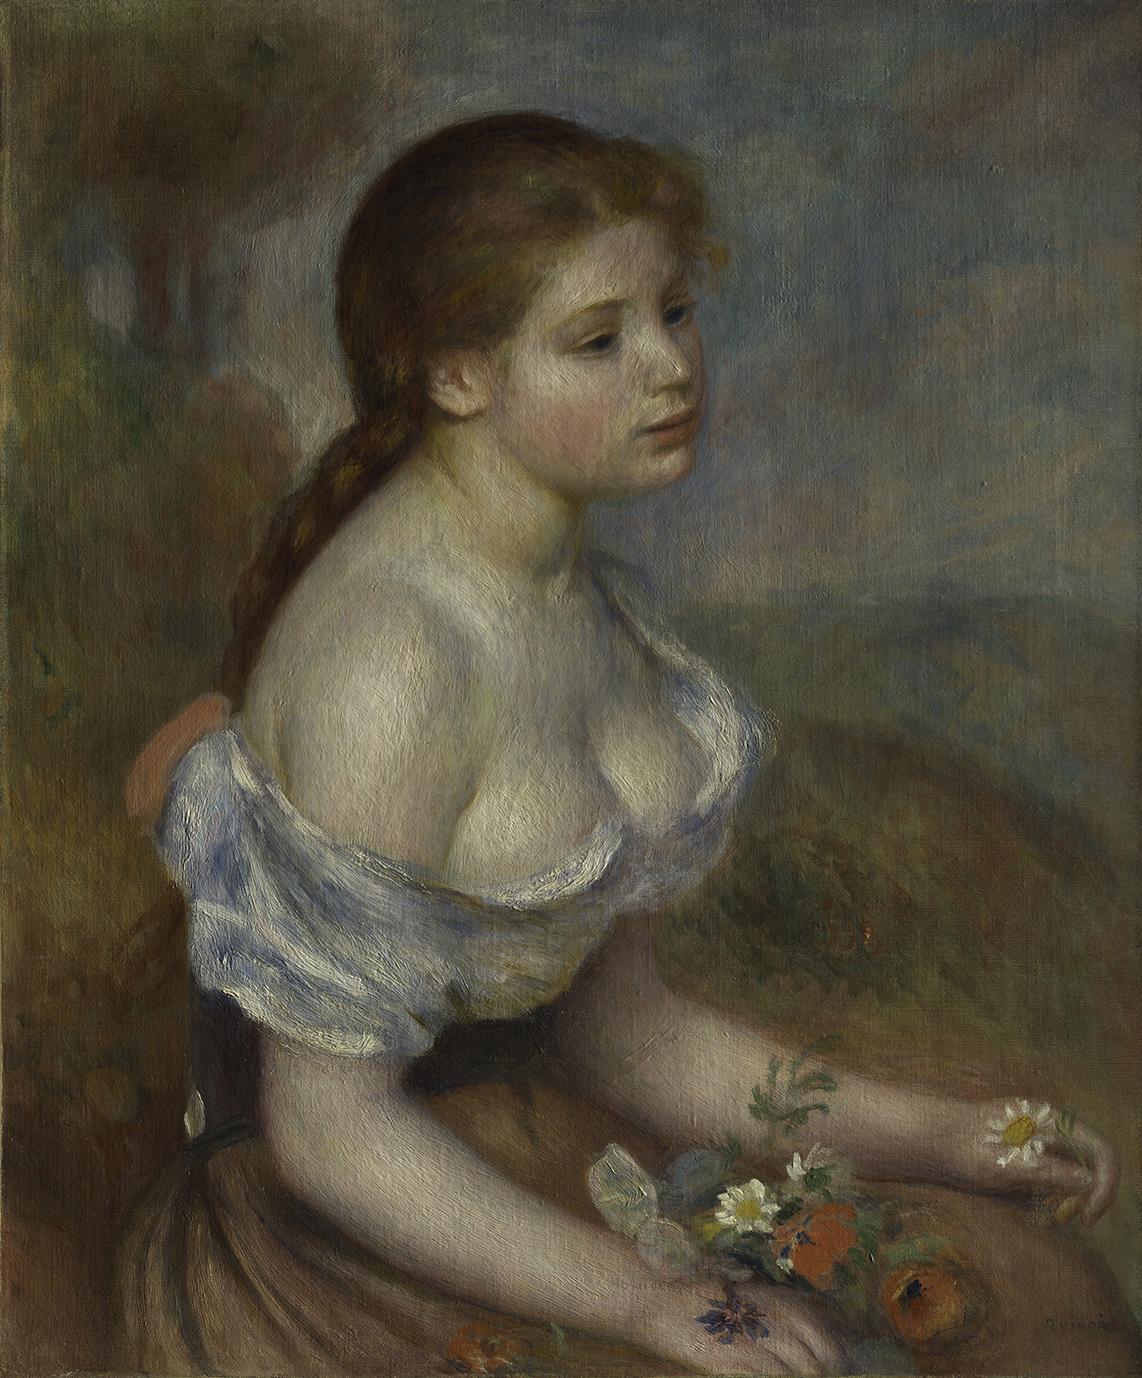 オーギュスト・ルノワール《ヒナギクを持つ少女》1889年 油彩、カンヴァス 65.1x54cm メトロポリタン美術館